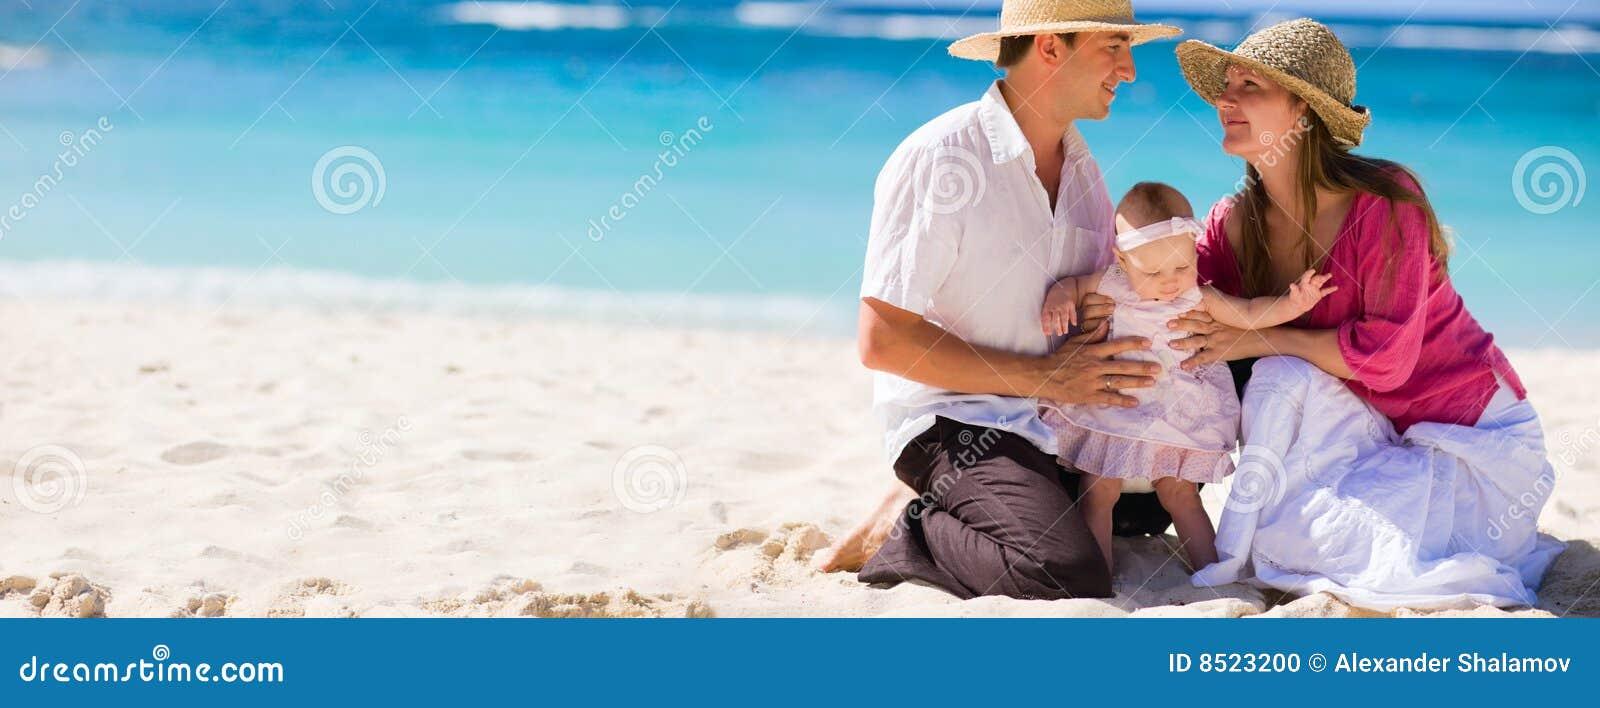 Vacanza di famiglia